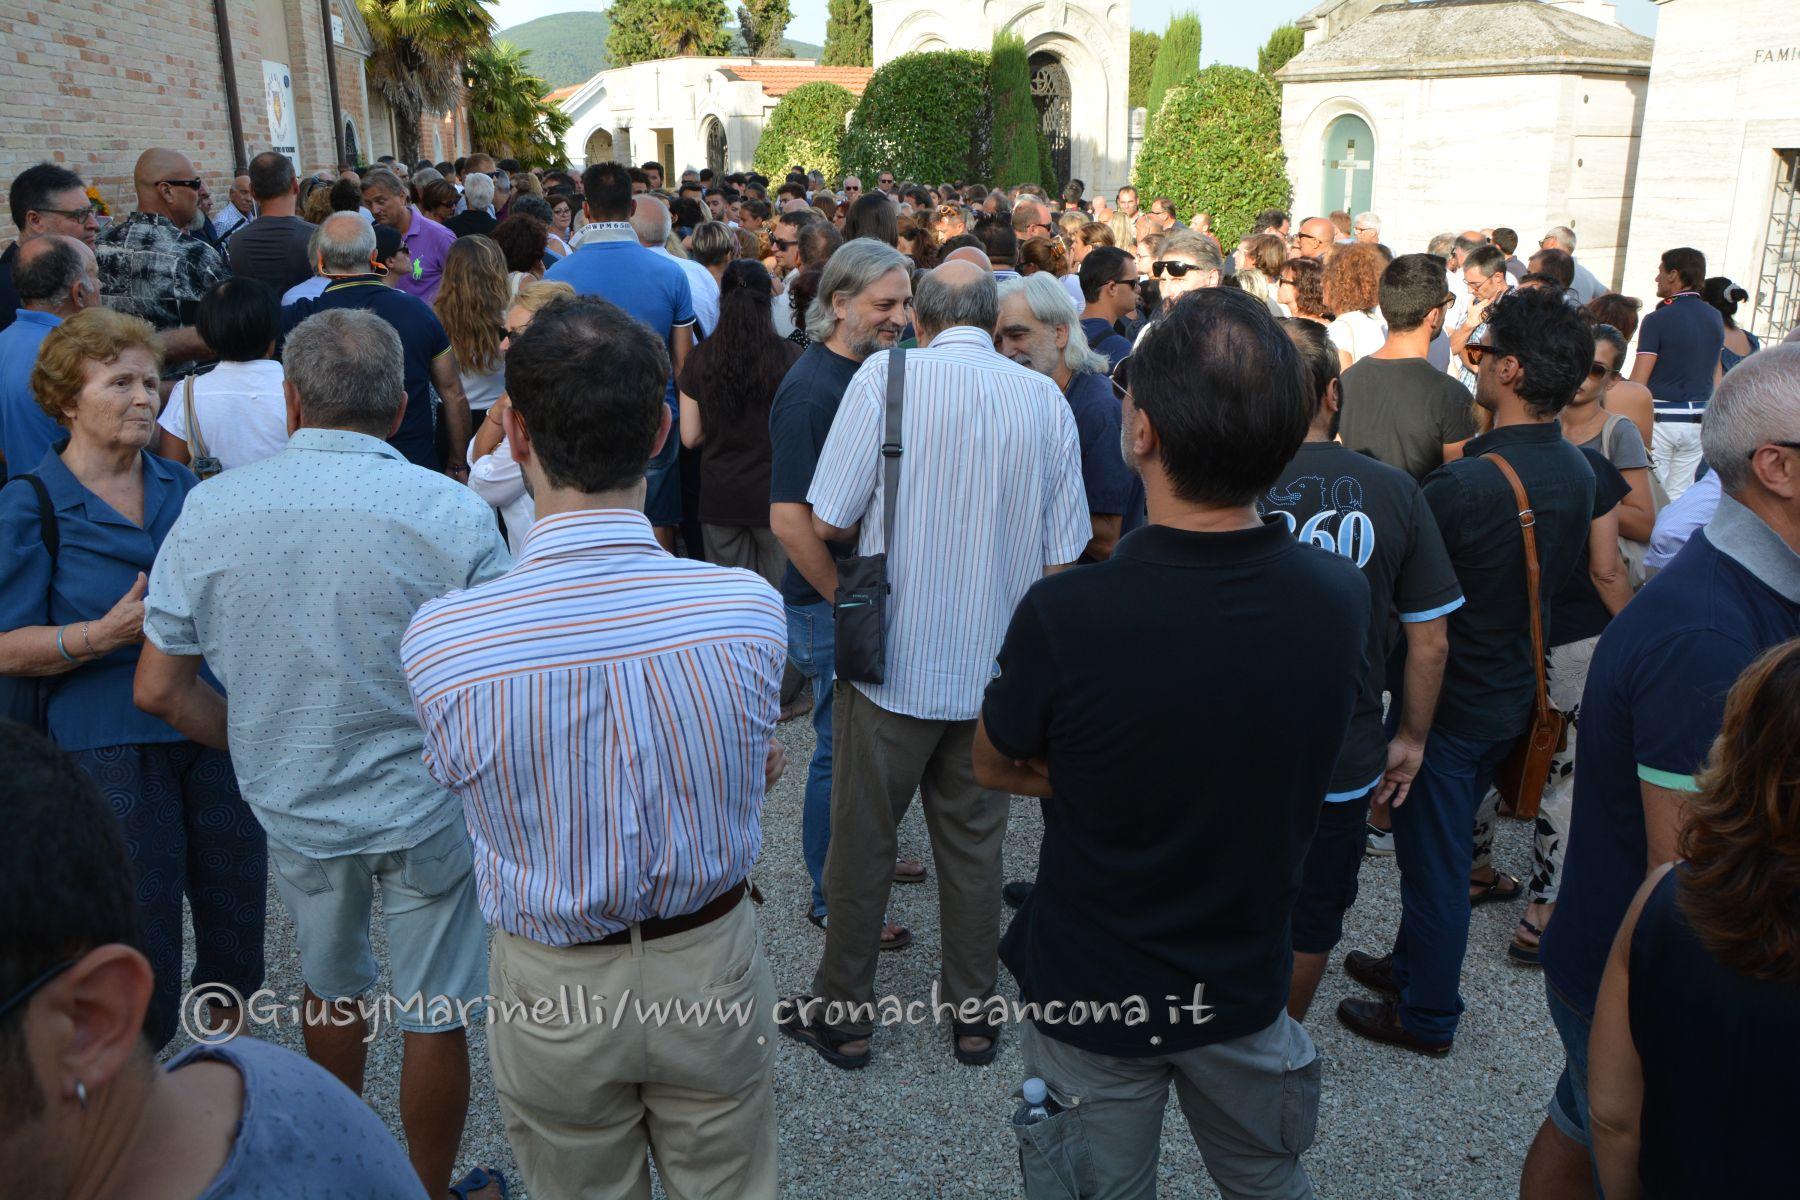 funerali_Raoul_Chiucconi-incidente_Camerano-DSC_0039